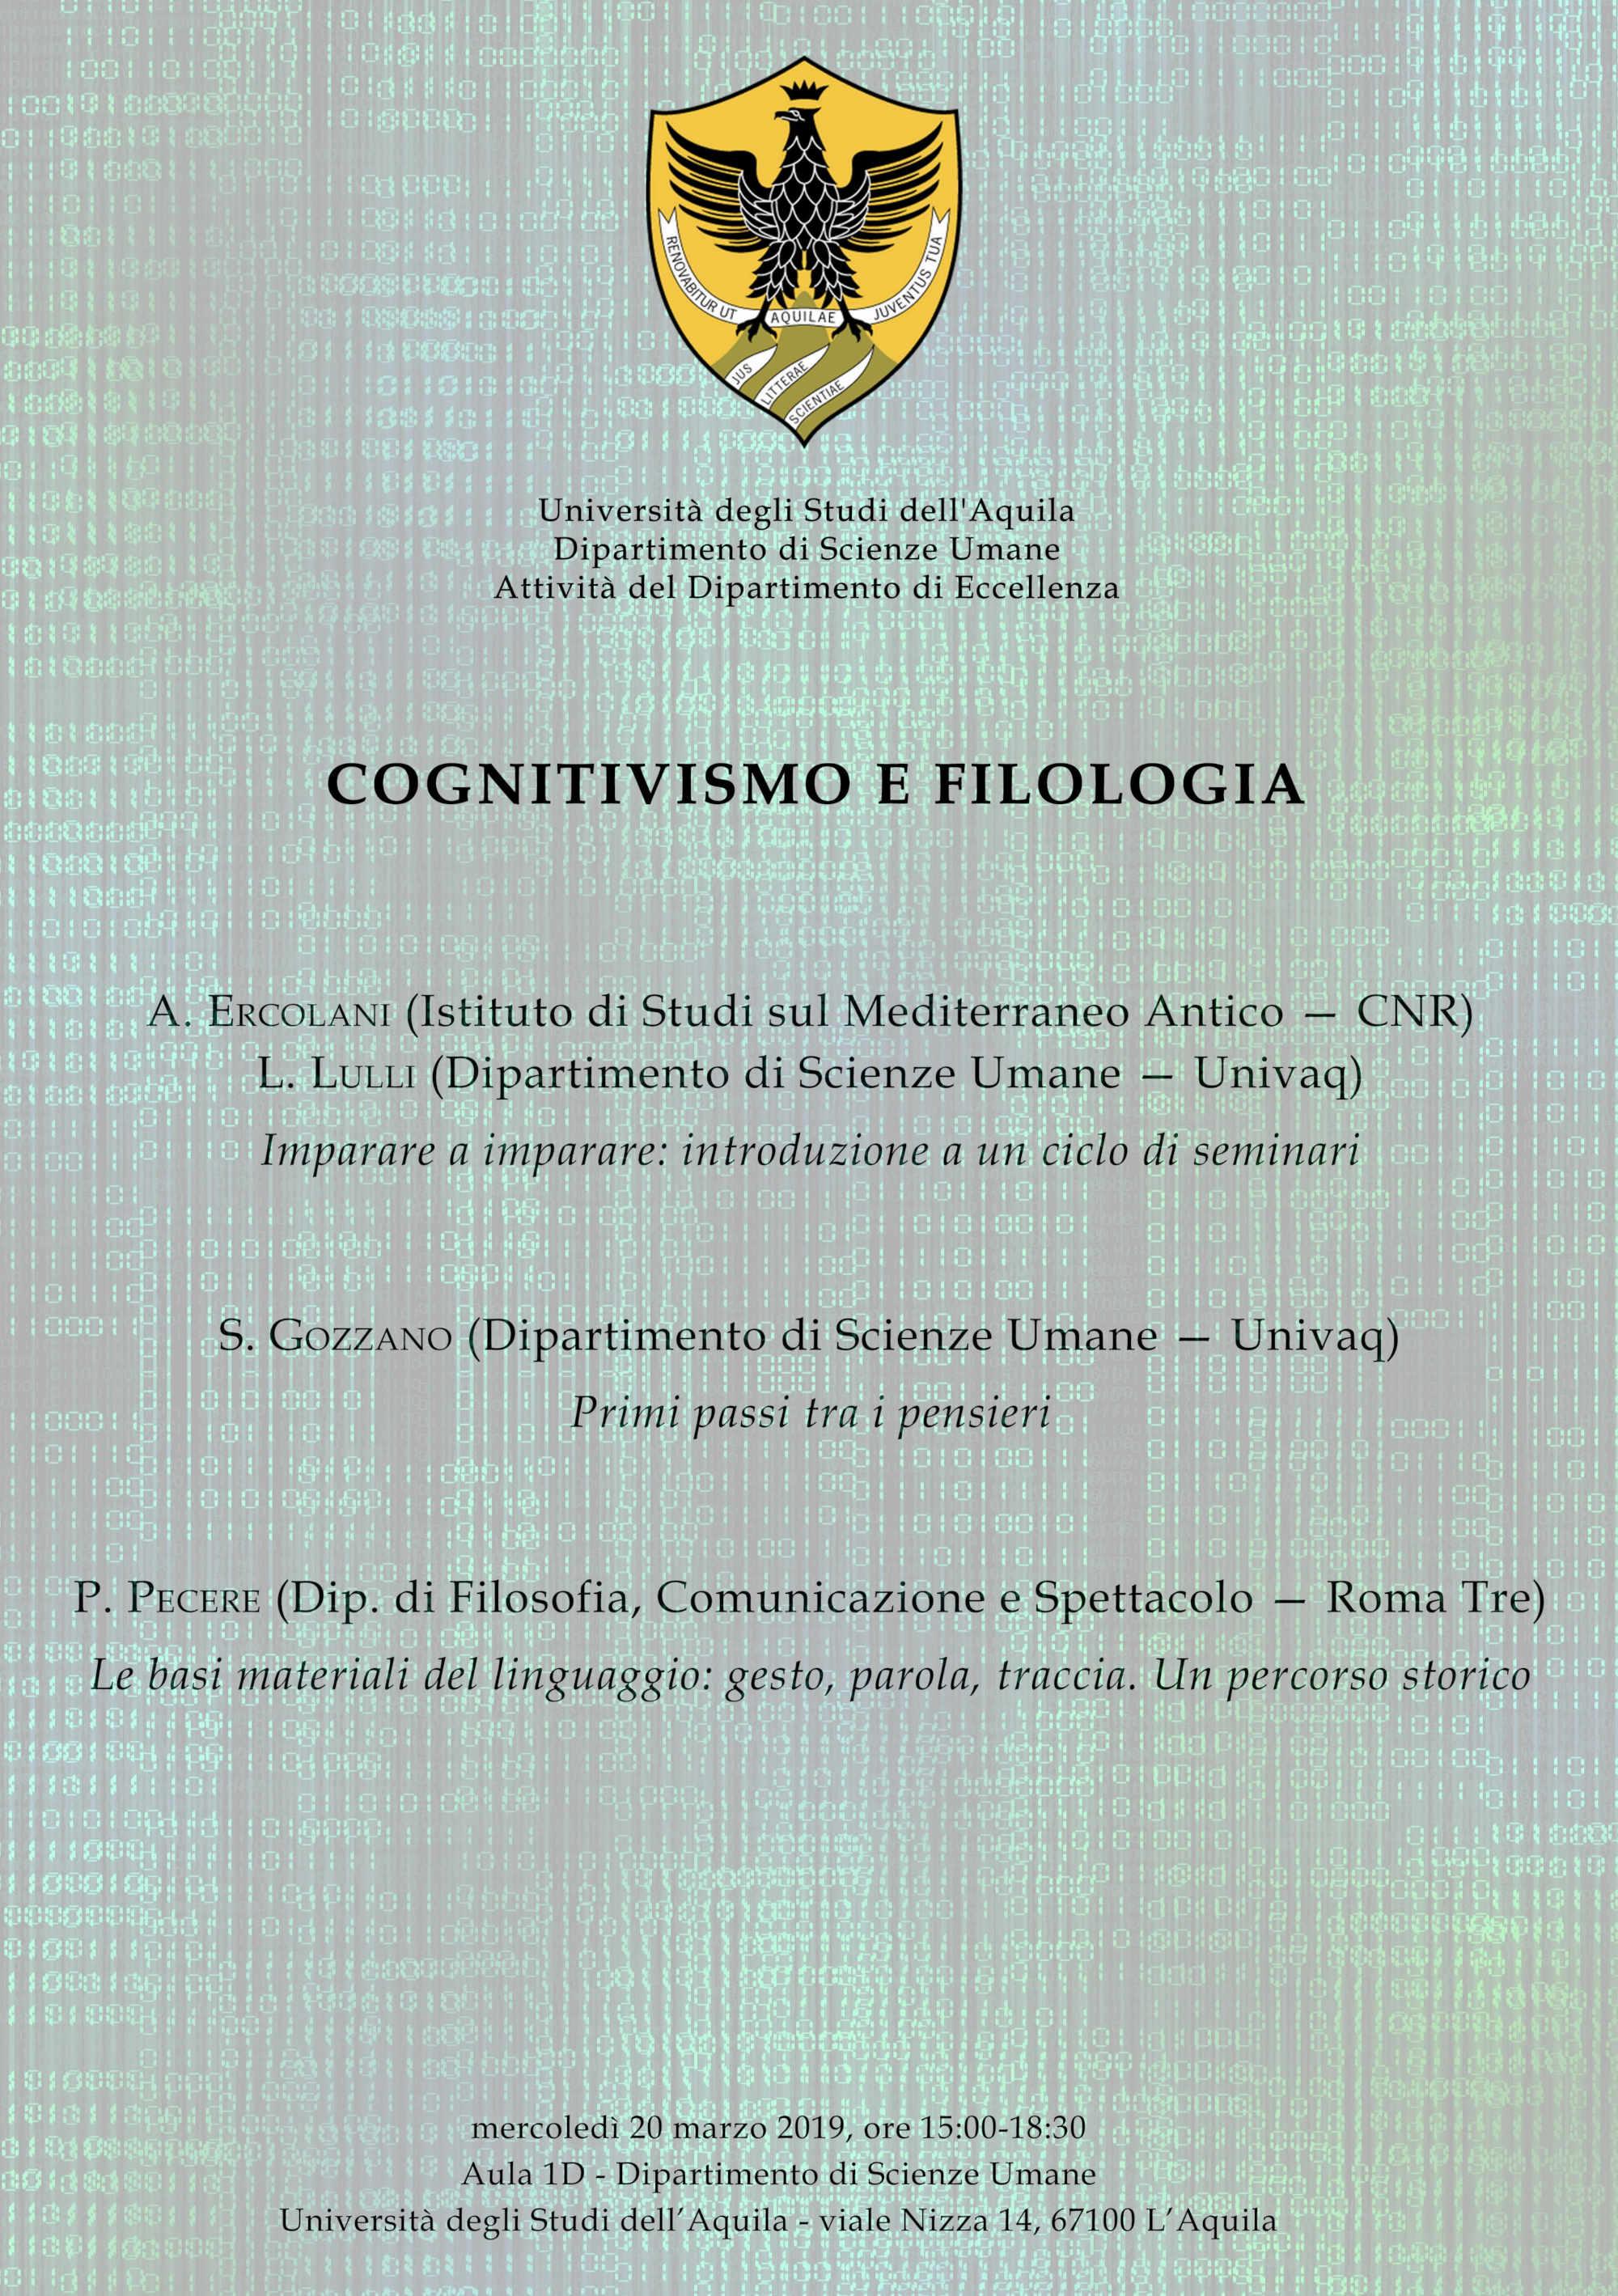 Convegno La visione del cognitivsmo sull'oralità – primo seminario sull'oralità